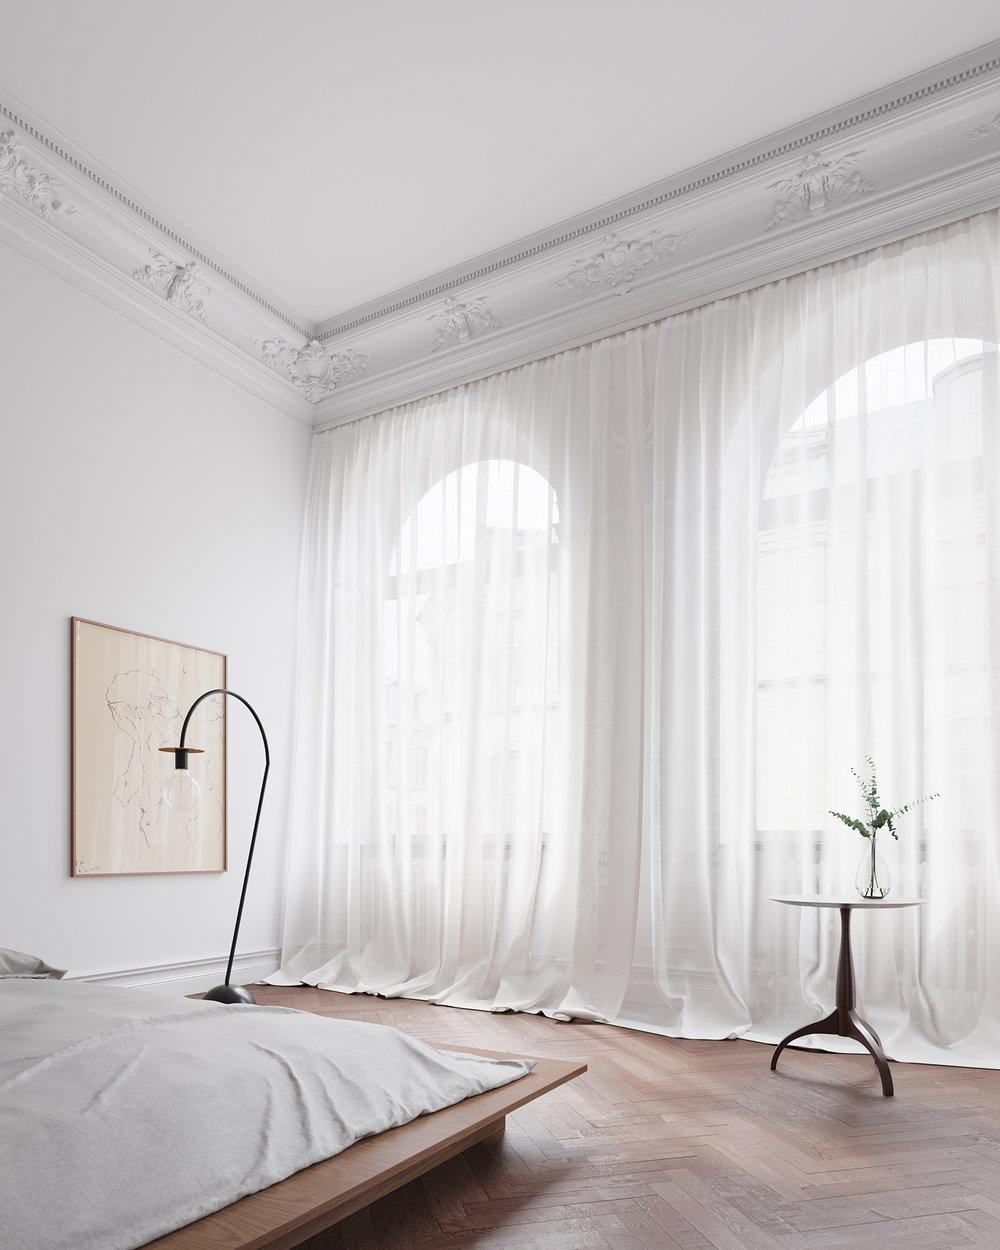 INT403 Bedroom C_2k_v01 (1).jpg